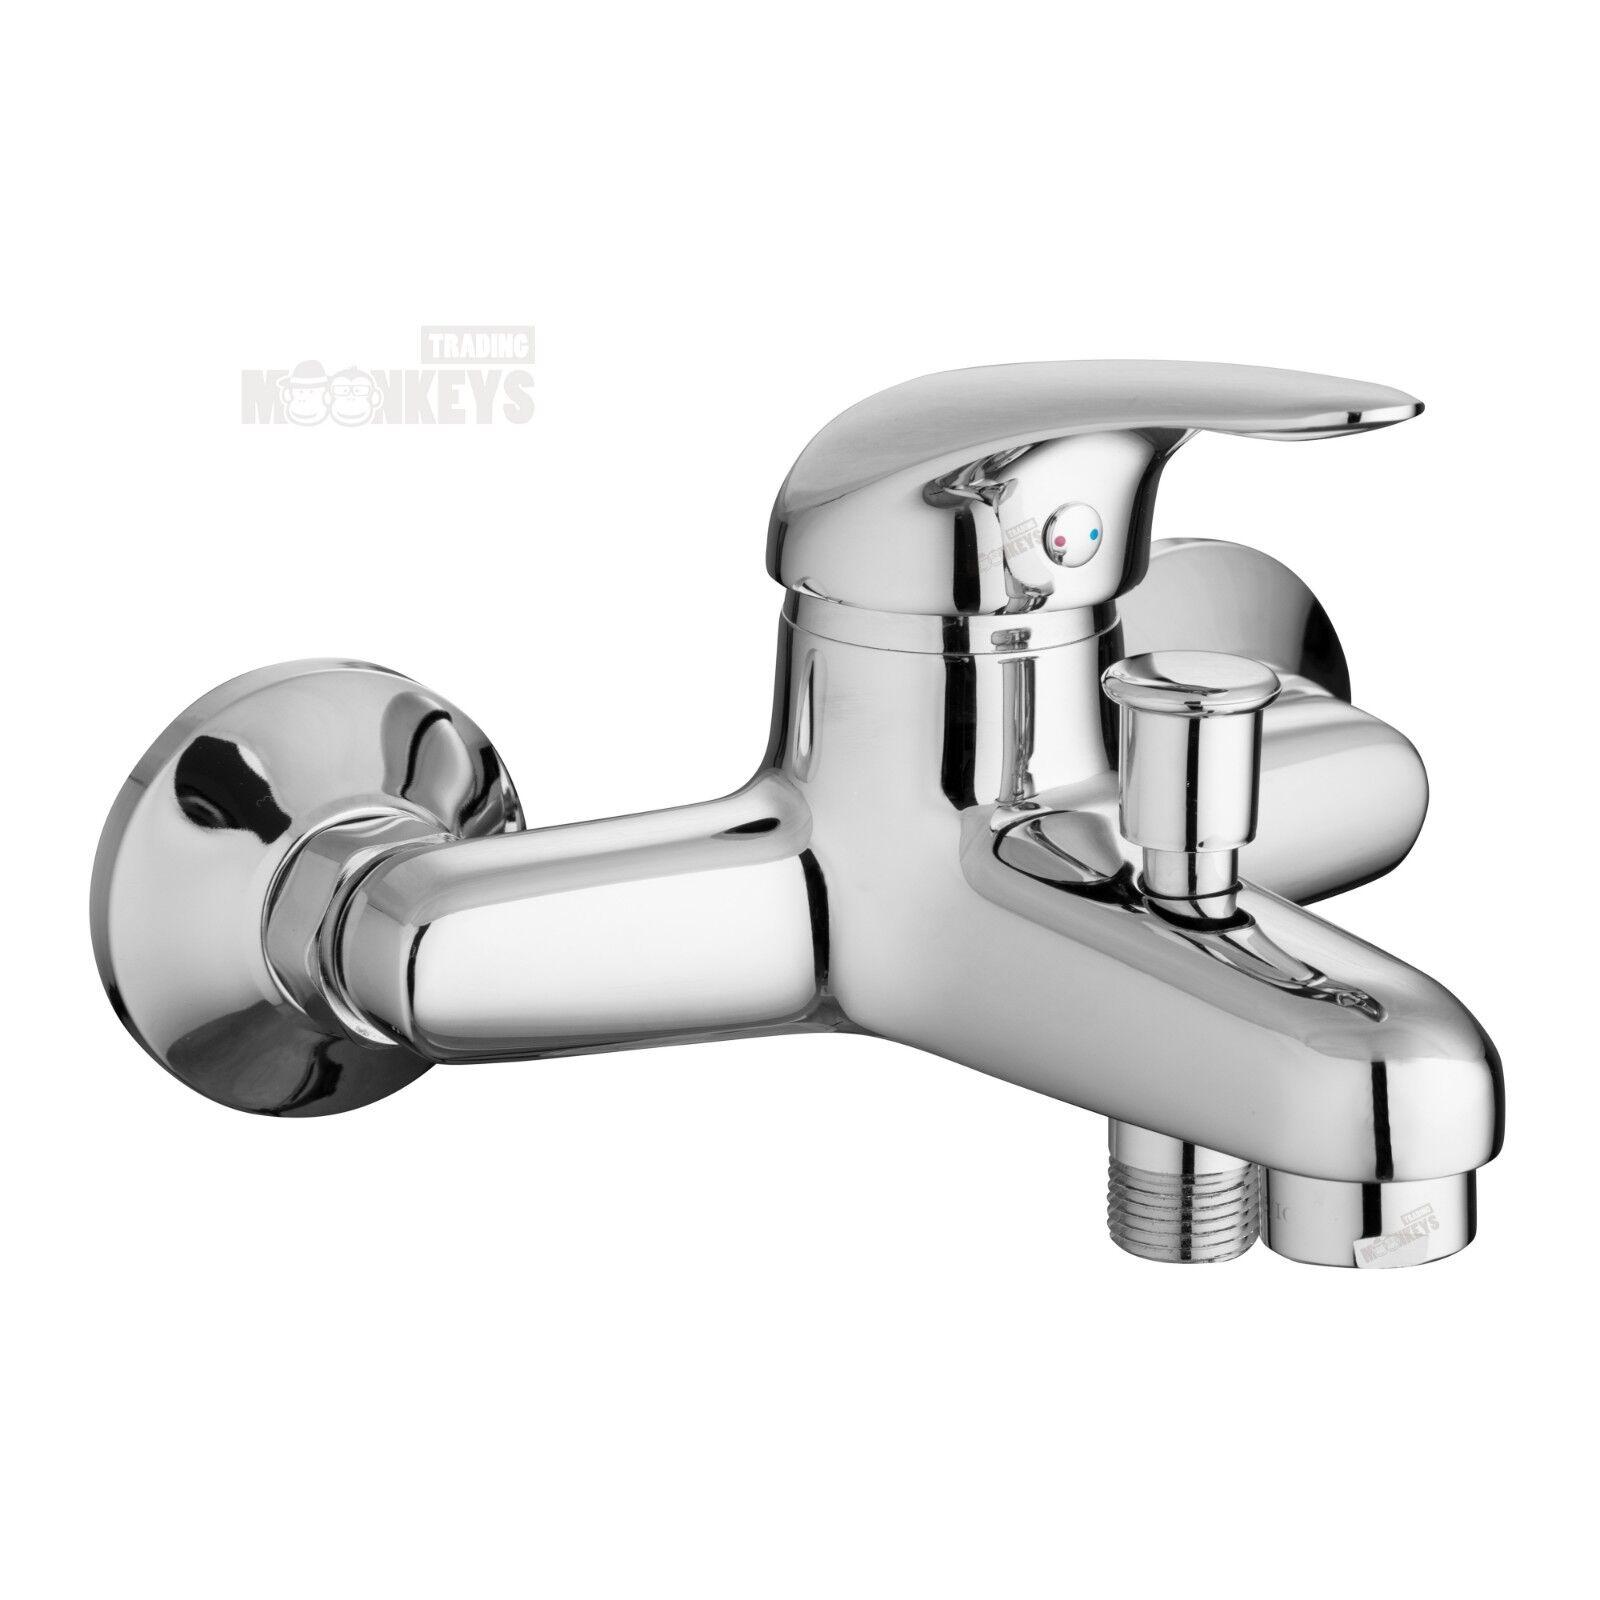 Bad Badewanne Armatur Einhebel Wanne Mischbatterie Wannenfüllarmatur Badarmatur